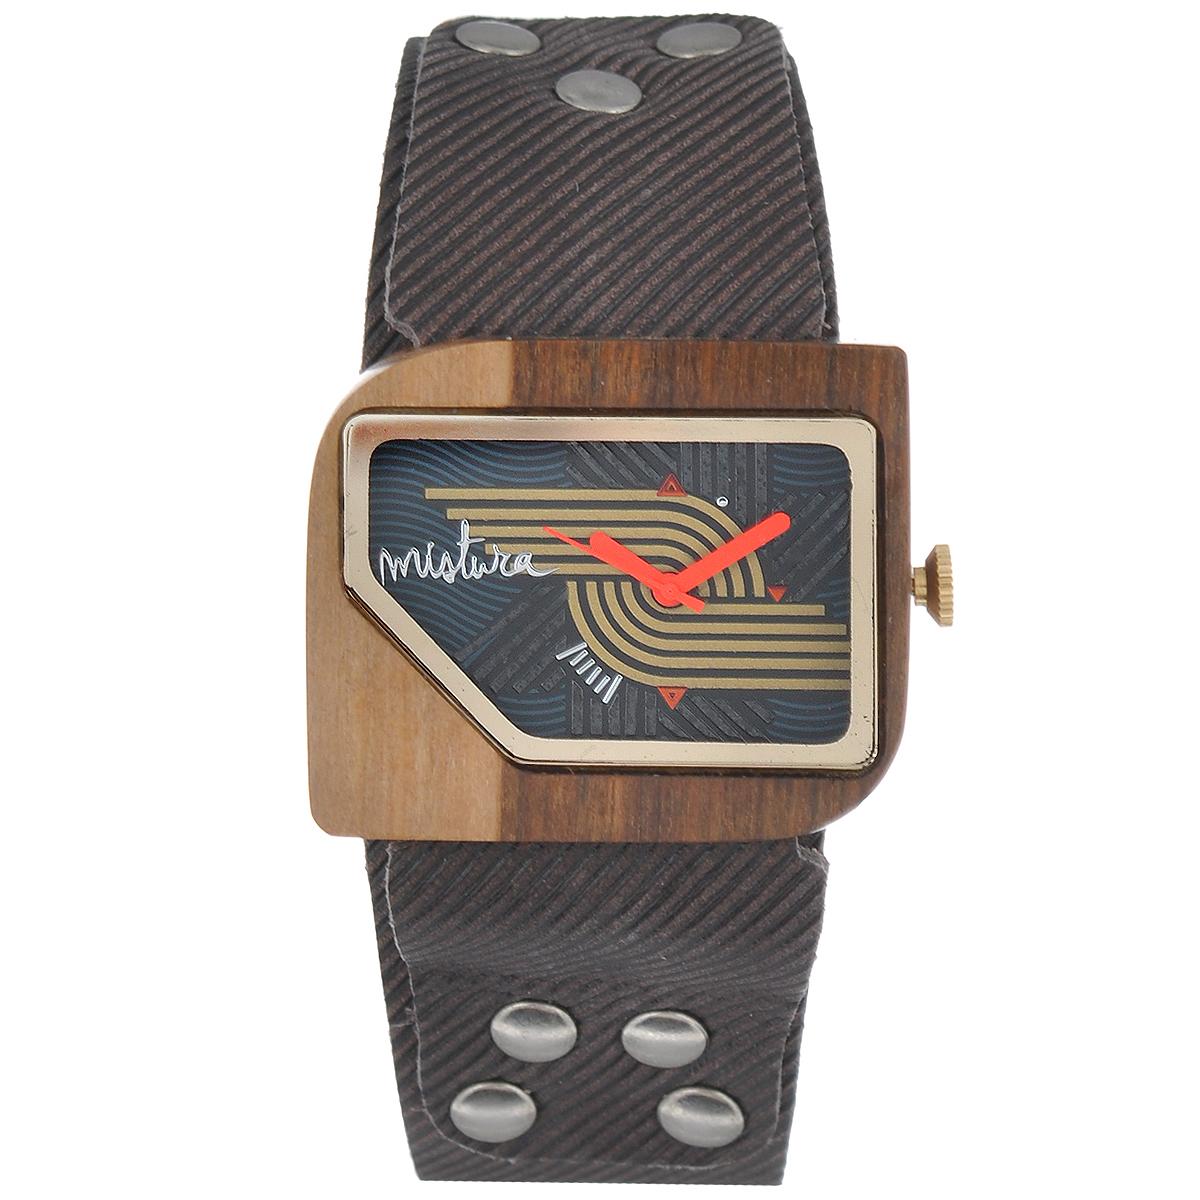 Часы наручные женские Mistura Pellicano: Coffee Jean/Nazca Dark. TP09004CJPUNDWDTP09004CJPUNDWDНаручные часы Mistura благодаря своему эксклюзивному дизайну позволят вам выделиться из толпы и подчеркнуть свою индивидуальность. Для изготовления корпуса часов используется древесина тропических лесов Колумбии с применением индивидуальных методов ее обработки. Дизайн выполняется вручную. Часы оснащены японским кварцевым механизмом Miyota (Япония). Ремешок из натуральной кожи, декорирован металлическими заклепками, застегивается на классическую застежку с деревянным язычком. Корпус часов изготовлен из дерева. Циферблат защищен минеральным стеклом. Изделие упаковано в фирменную коробку с логотипом компании Mistura. Часы марки Mistura идеально подходят молодым и уверенным в себе людям, ценящим качество, практичность и индивидуальность в каждой детали. Каждая модель оснащена оригинальным дизайнерским корпусом, а также ремешком из натуральной кожи, который можно заменить по вашему желанию. В изделиях используются высокоточные механизмы японского...